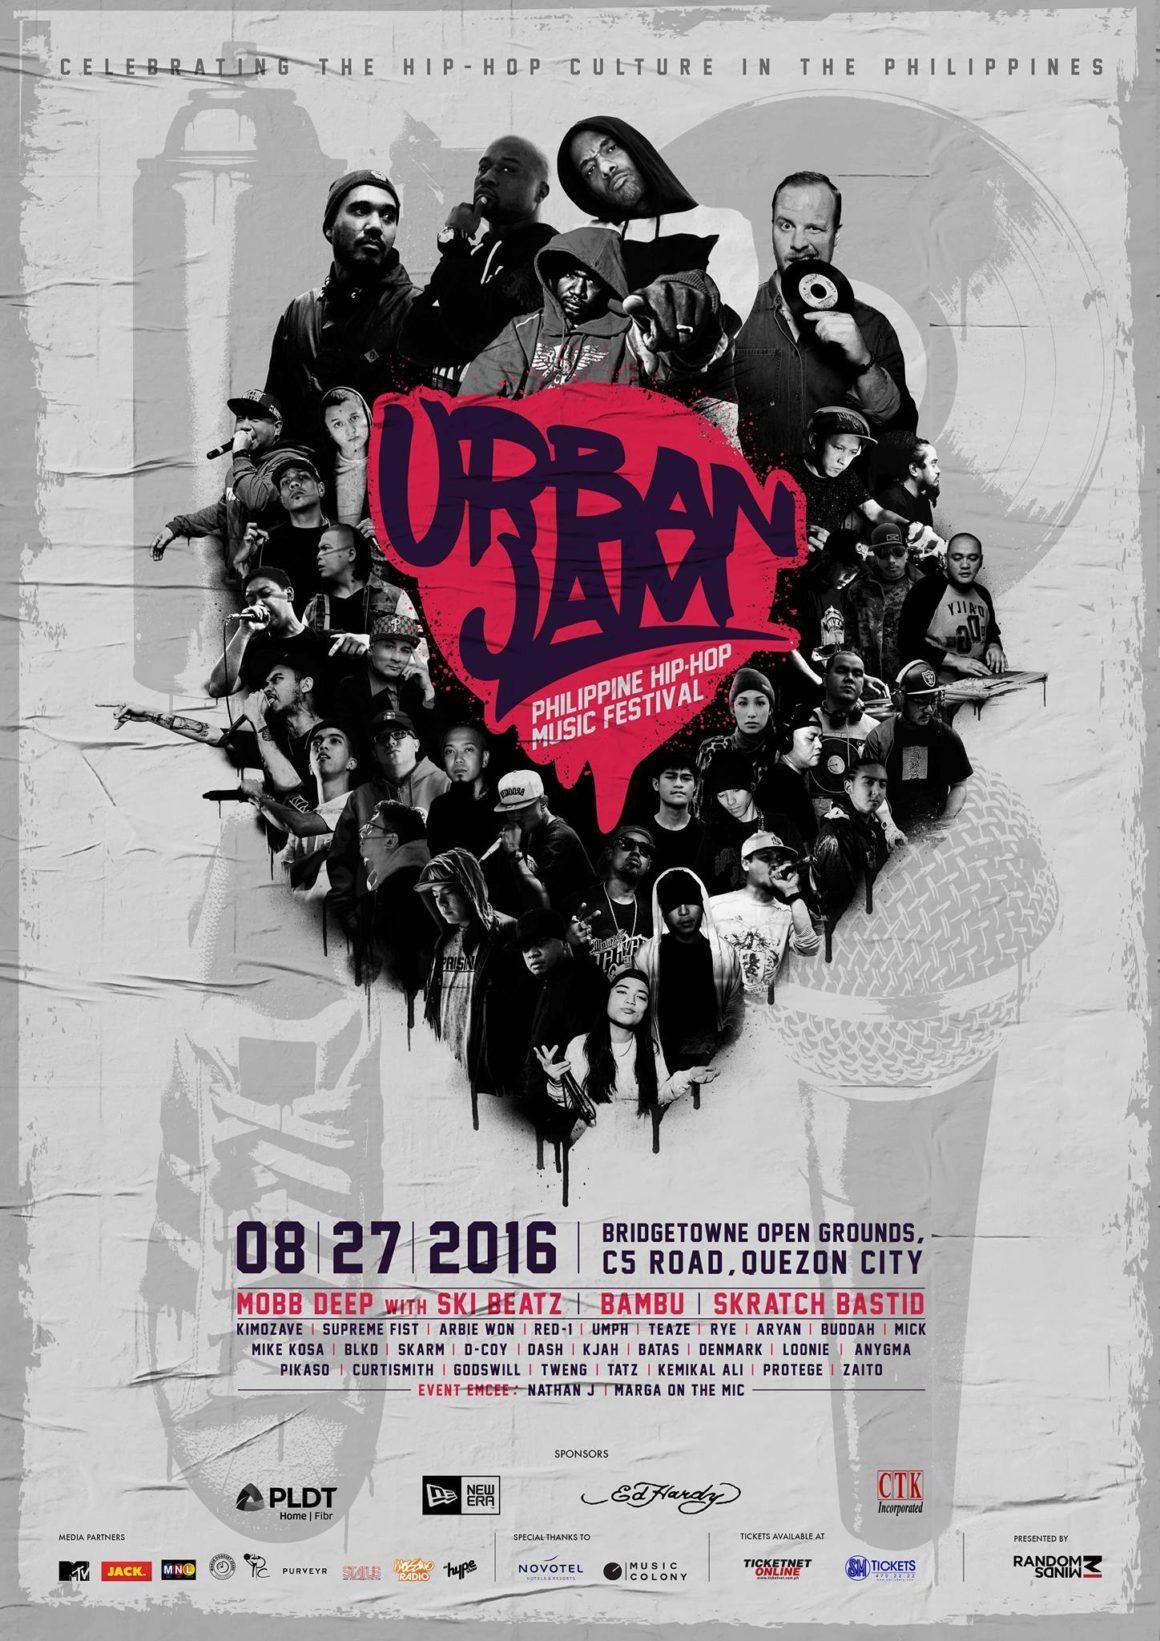 Urban Jam 2016